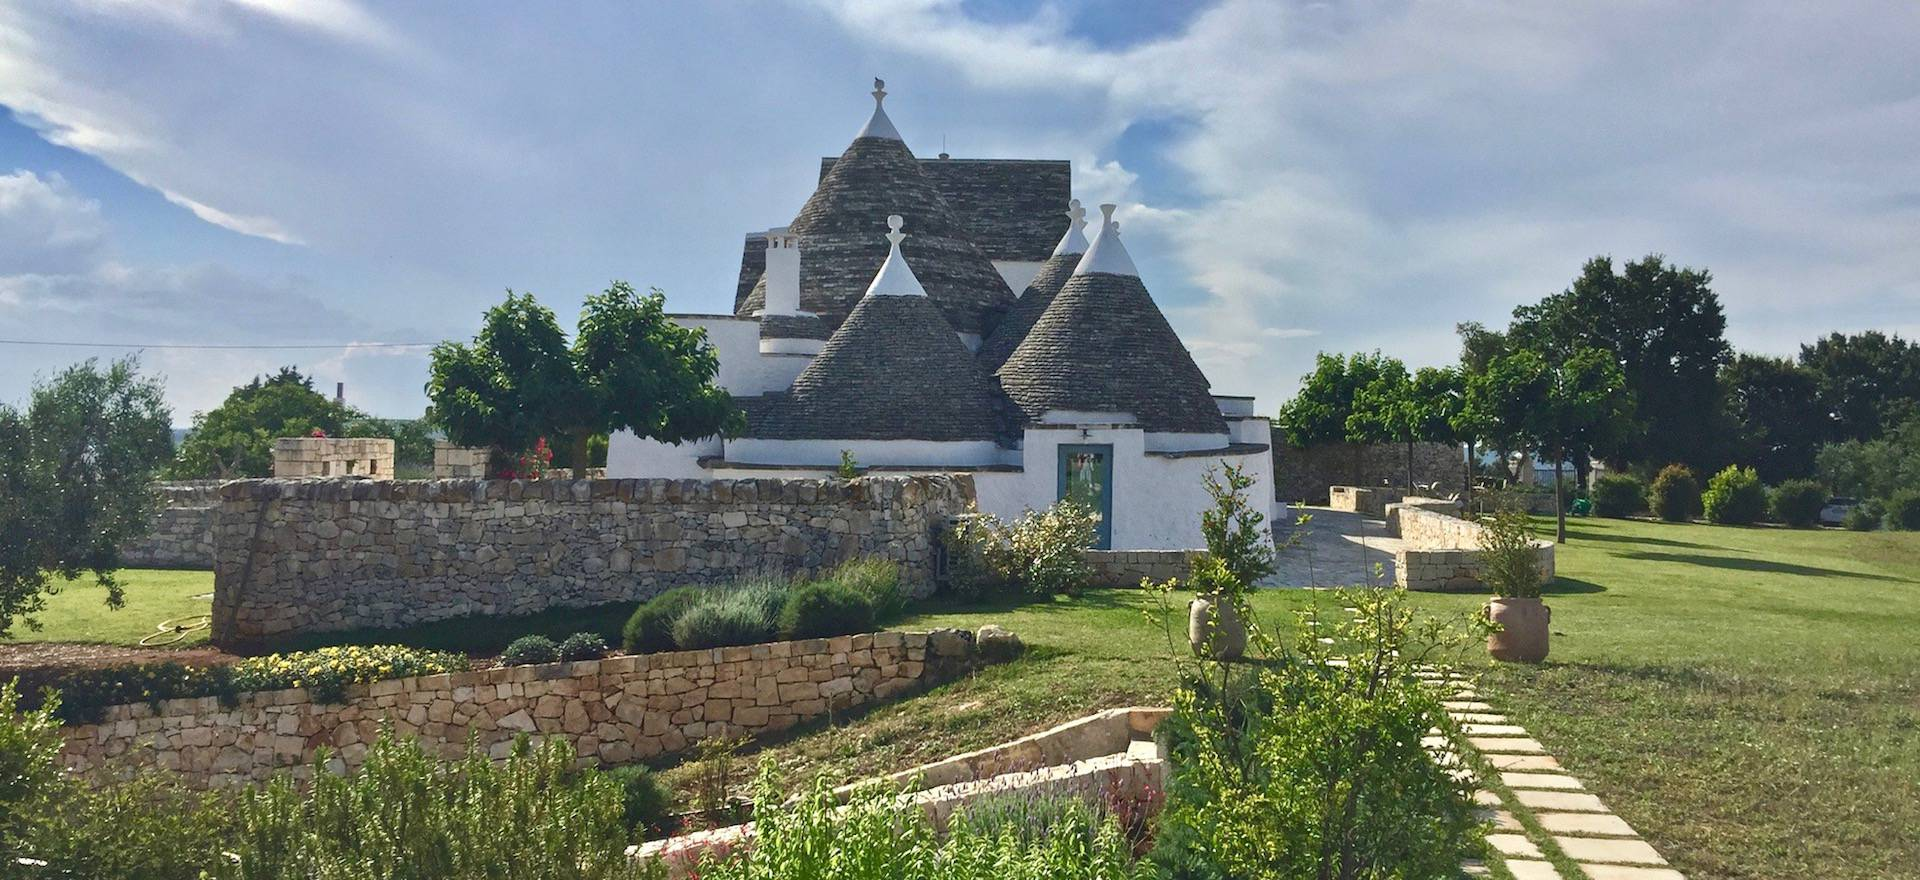 Agriturismo Puglia Agriturismo Puglia, suite in trullo con vista